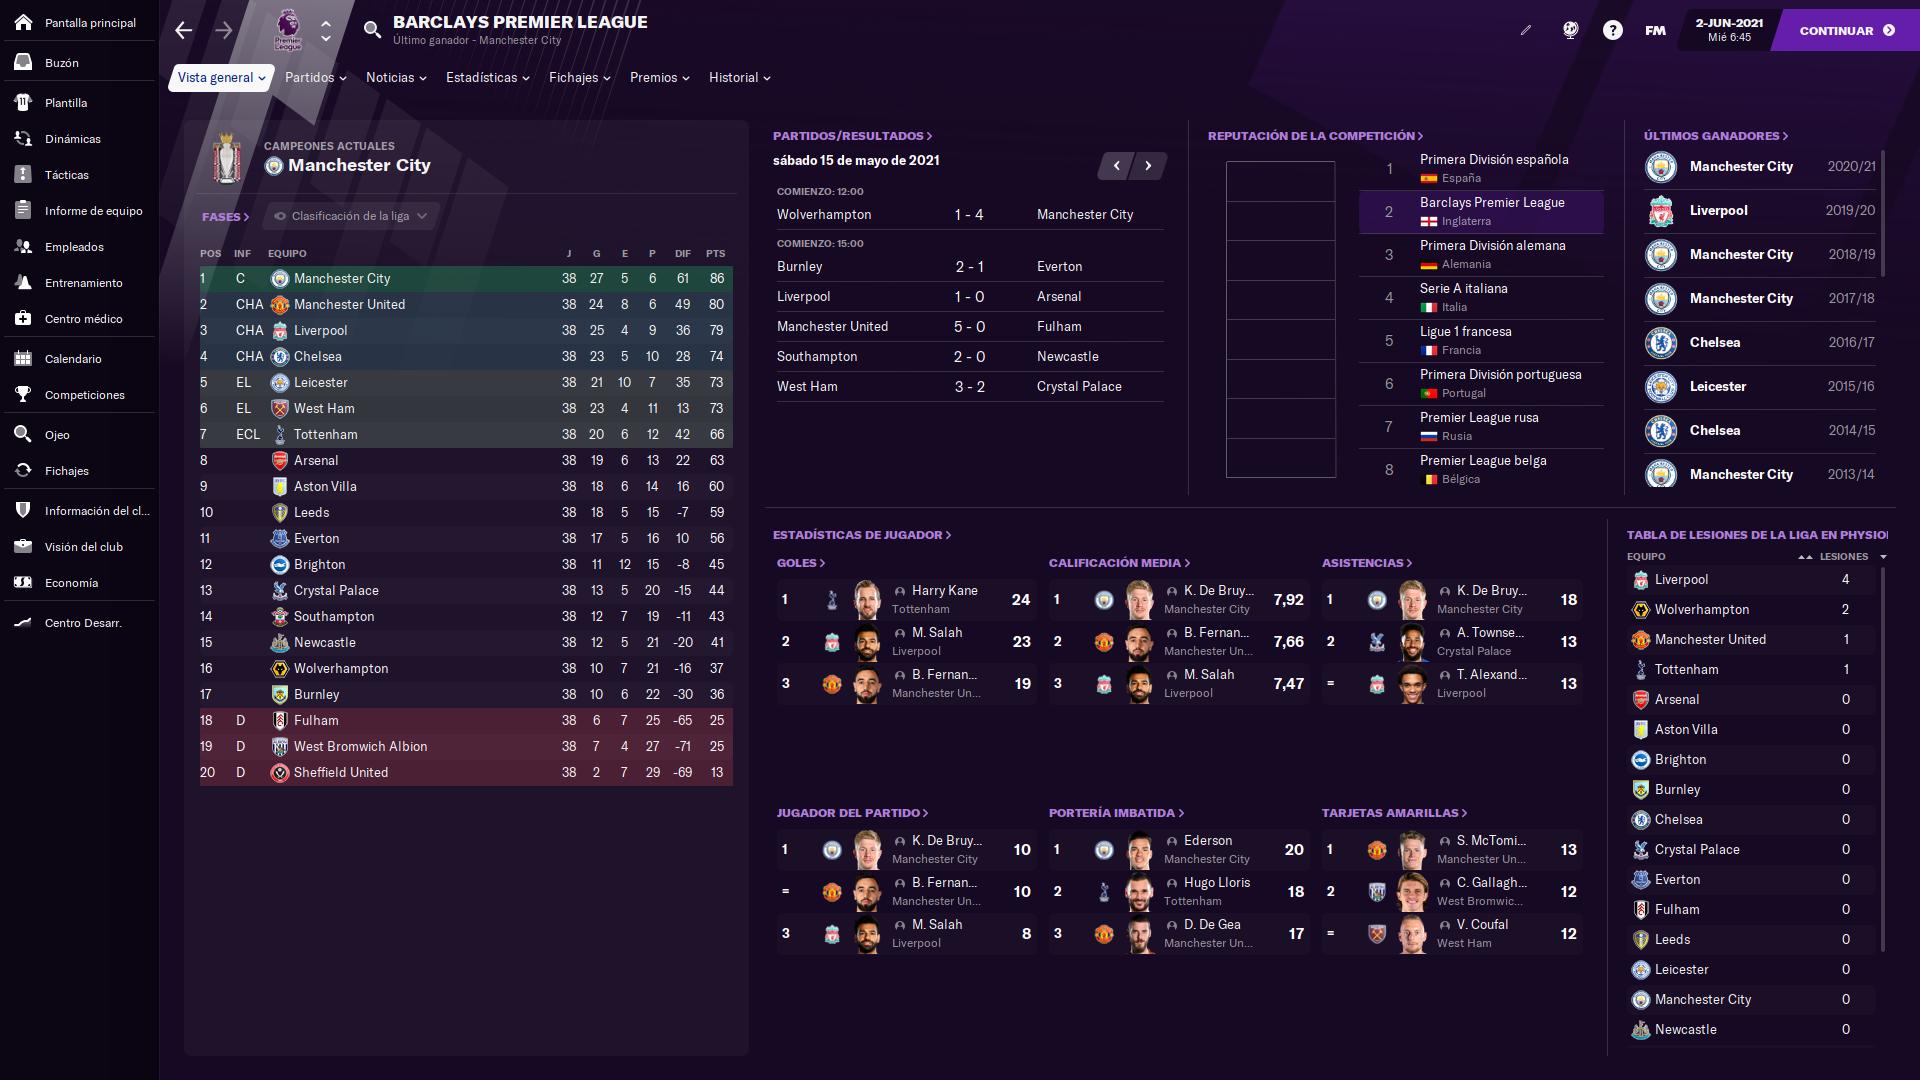 Barclays-Premier-League-Perfil-2.png